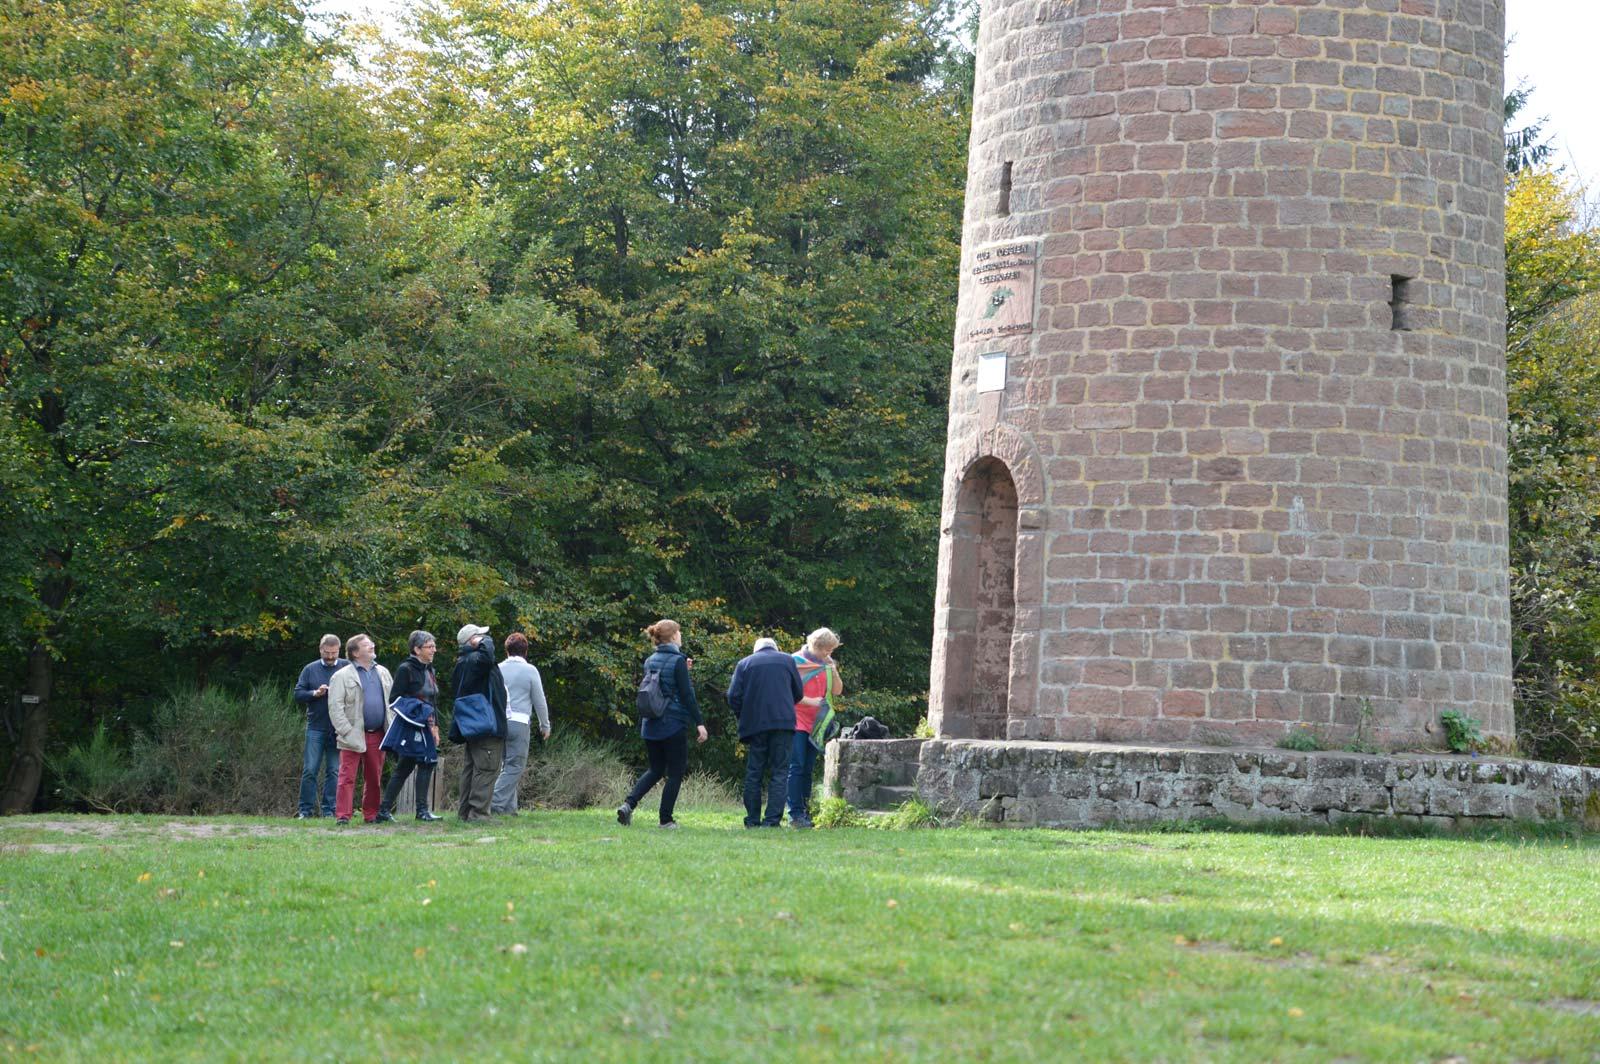 Promenade jusqu'à la tour du Grand Wintersberg, Niederbronn-les-Bains, Alsace